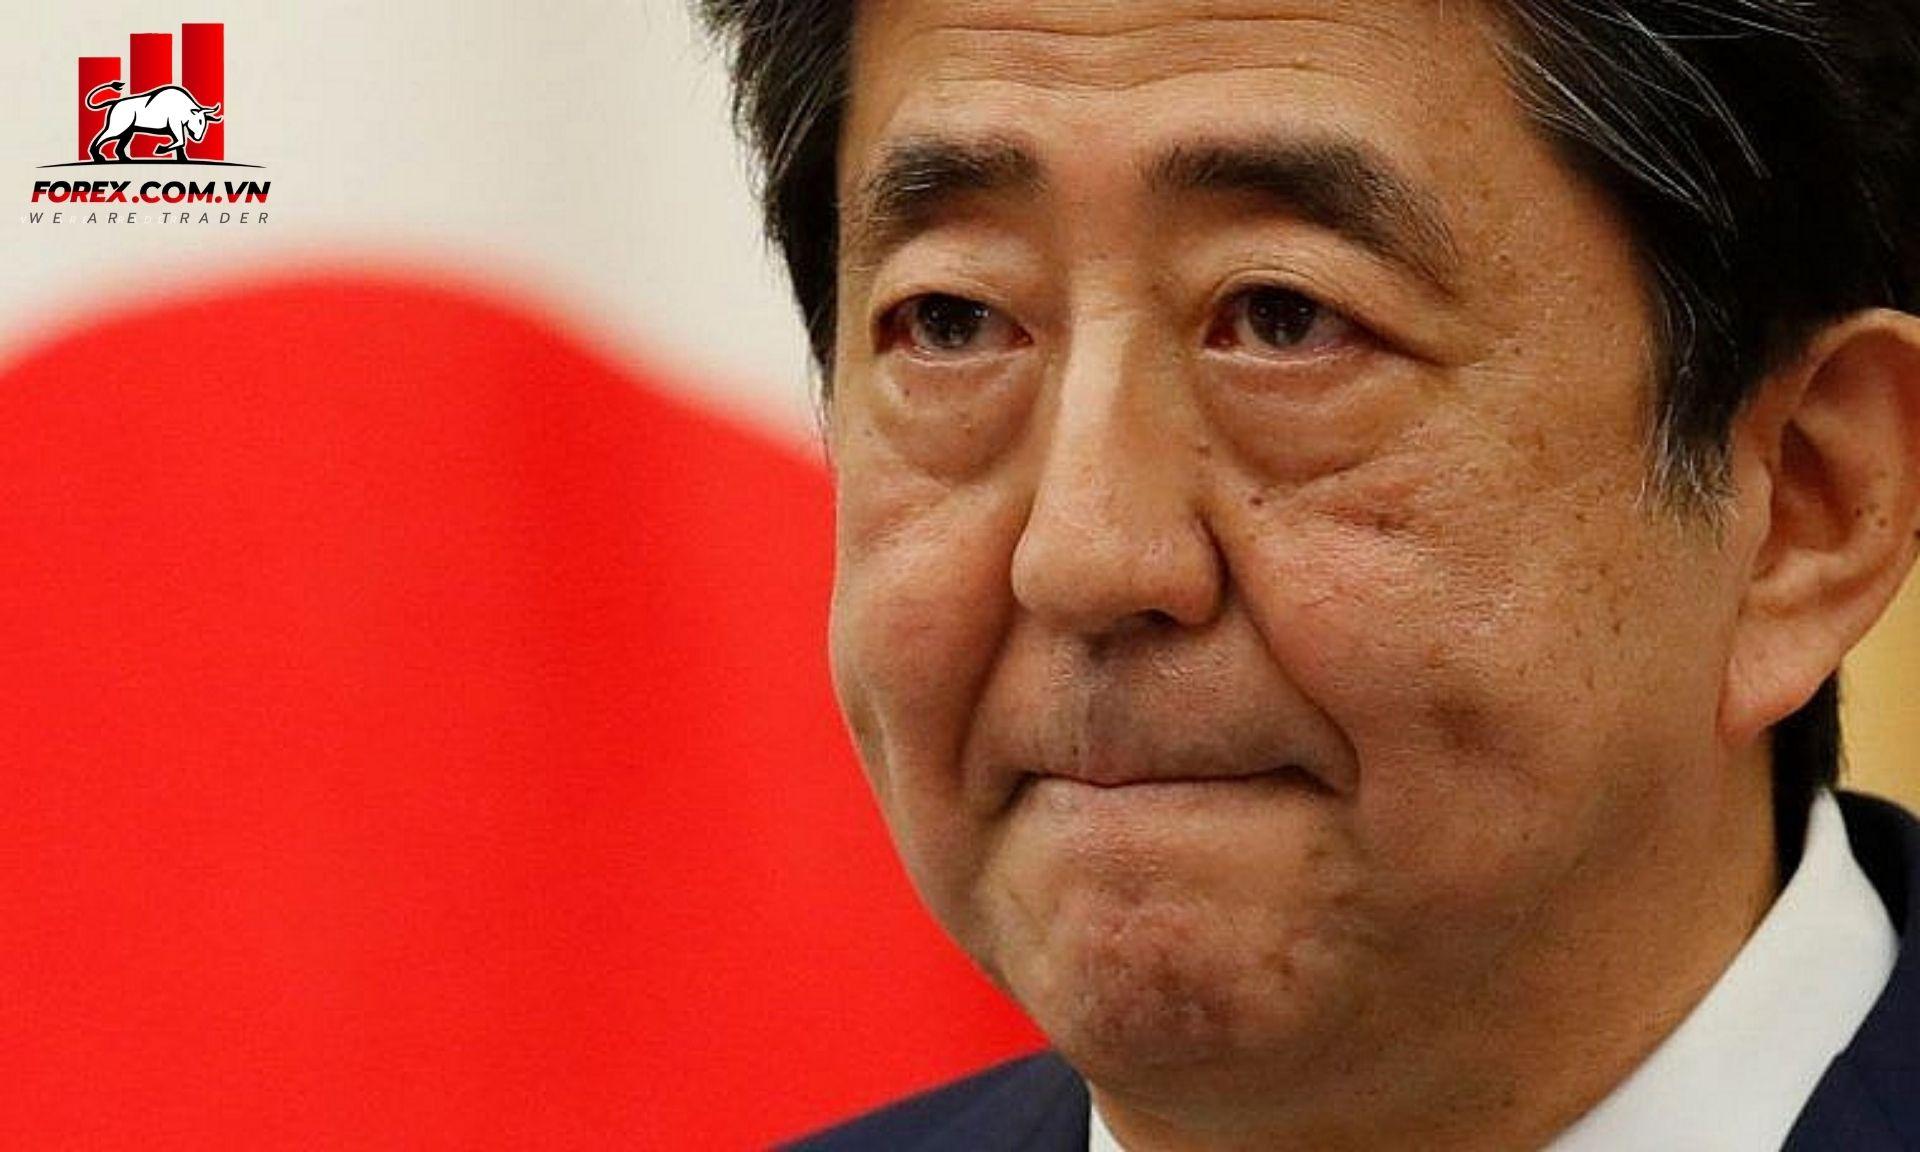 Thủ tướng Nhật Shinzo Abe đệ đơn từ chức